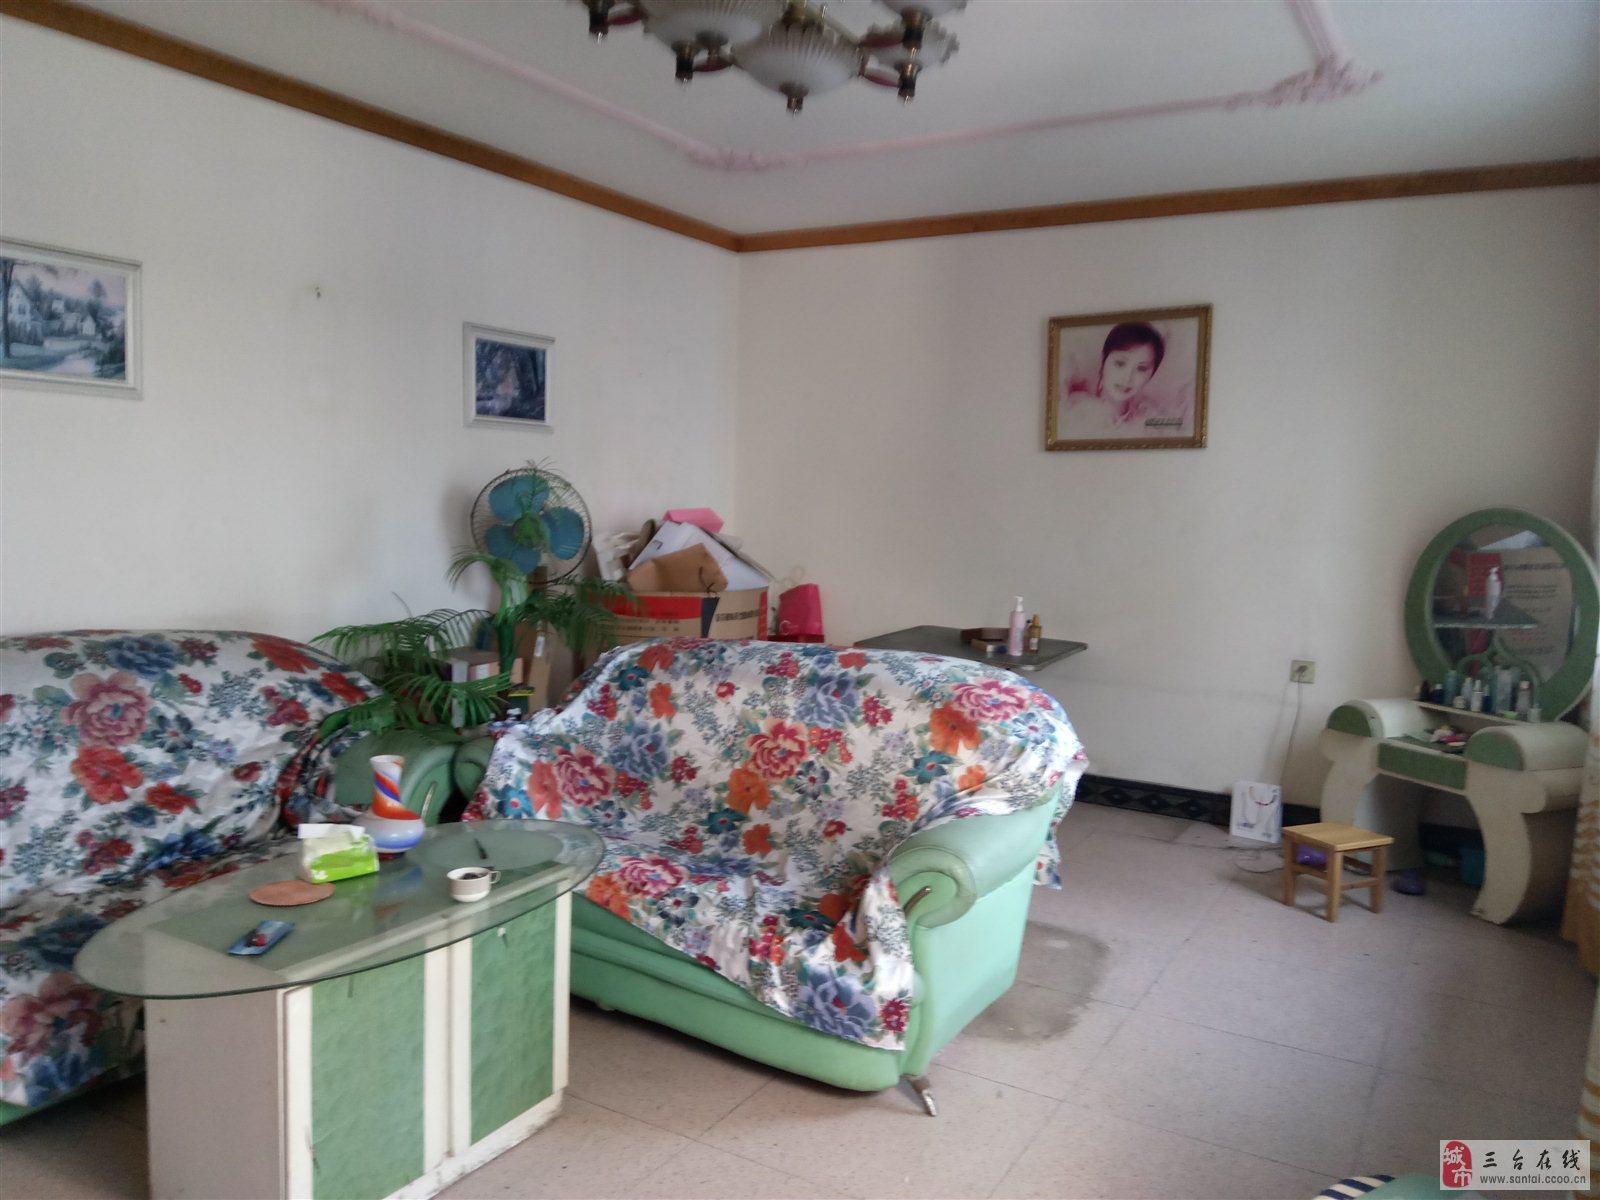 清真巷简装修两室两厅90平米